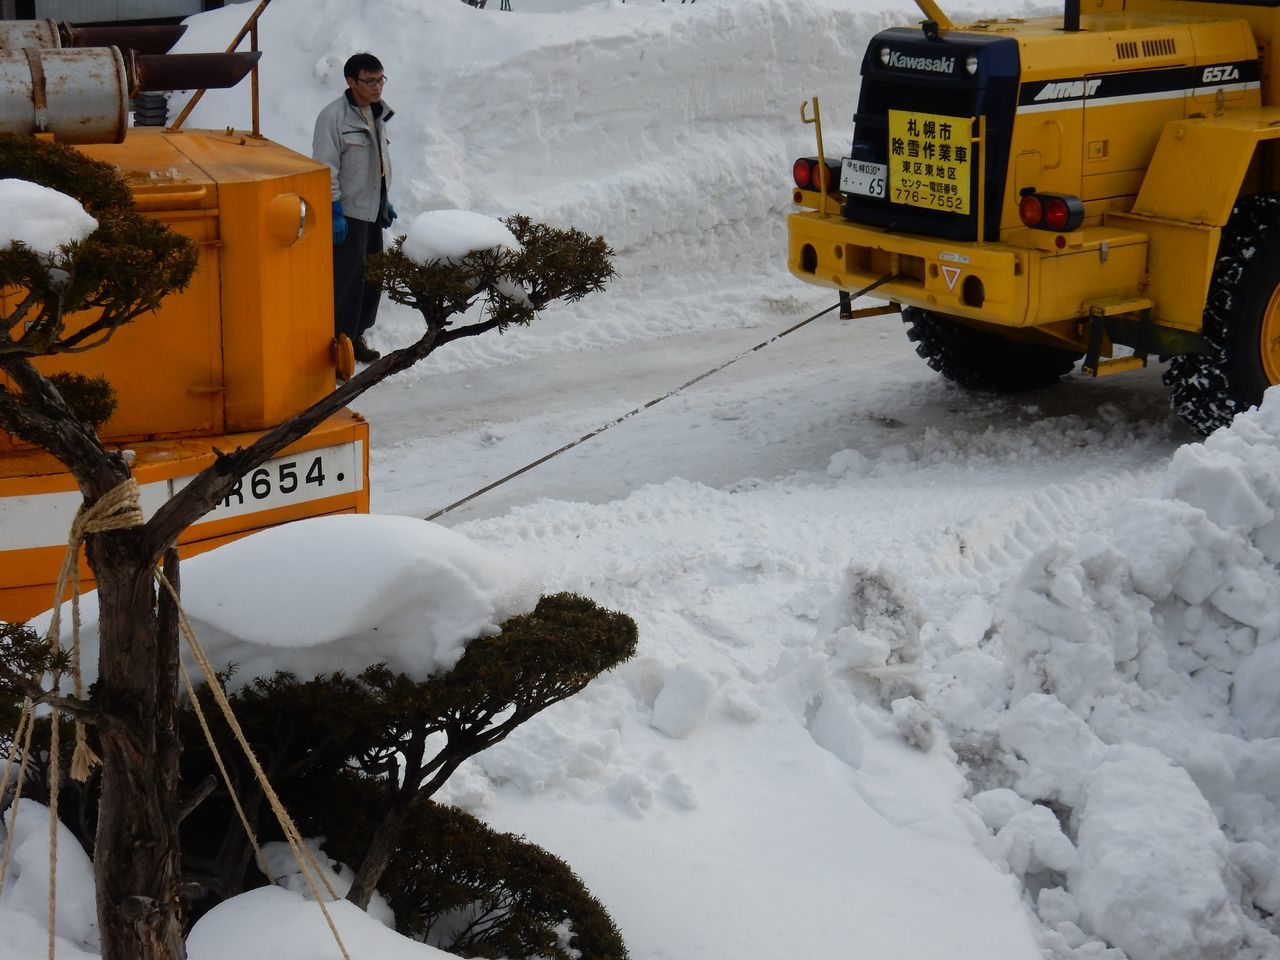 ようやく排雪チューズデー_c0025115_22064830.jpg